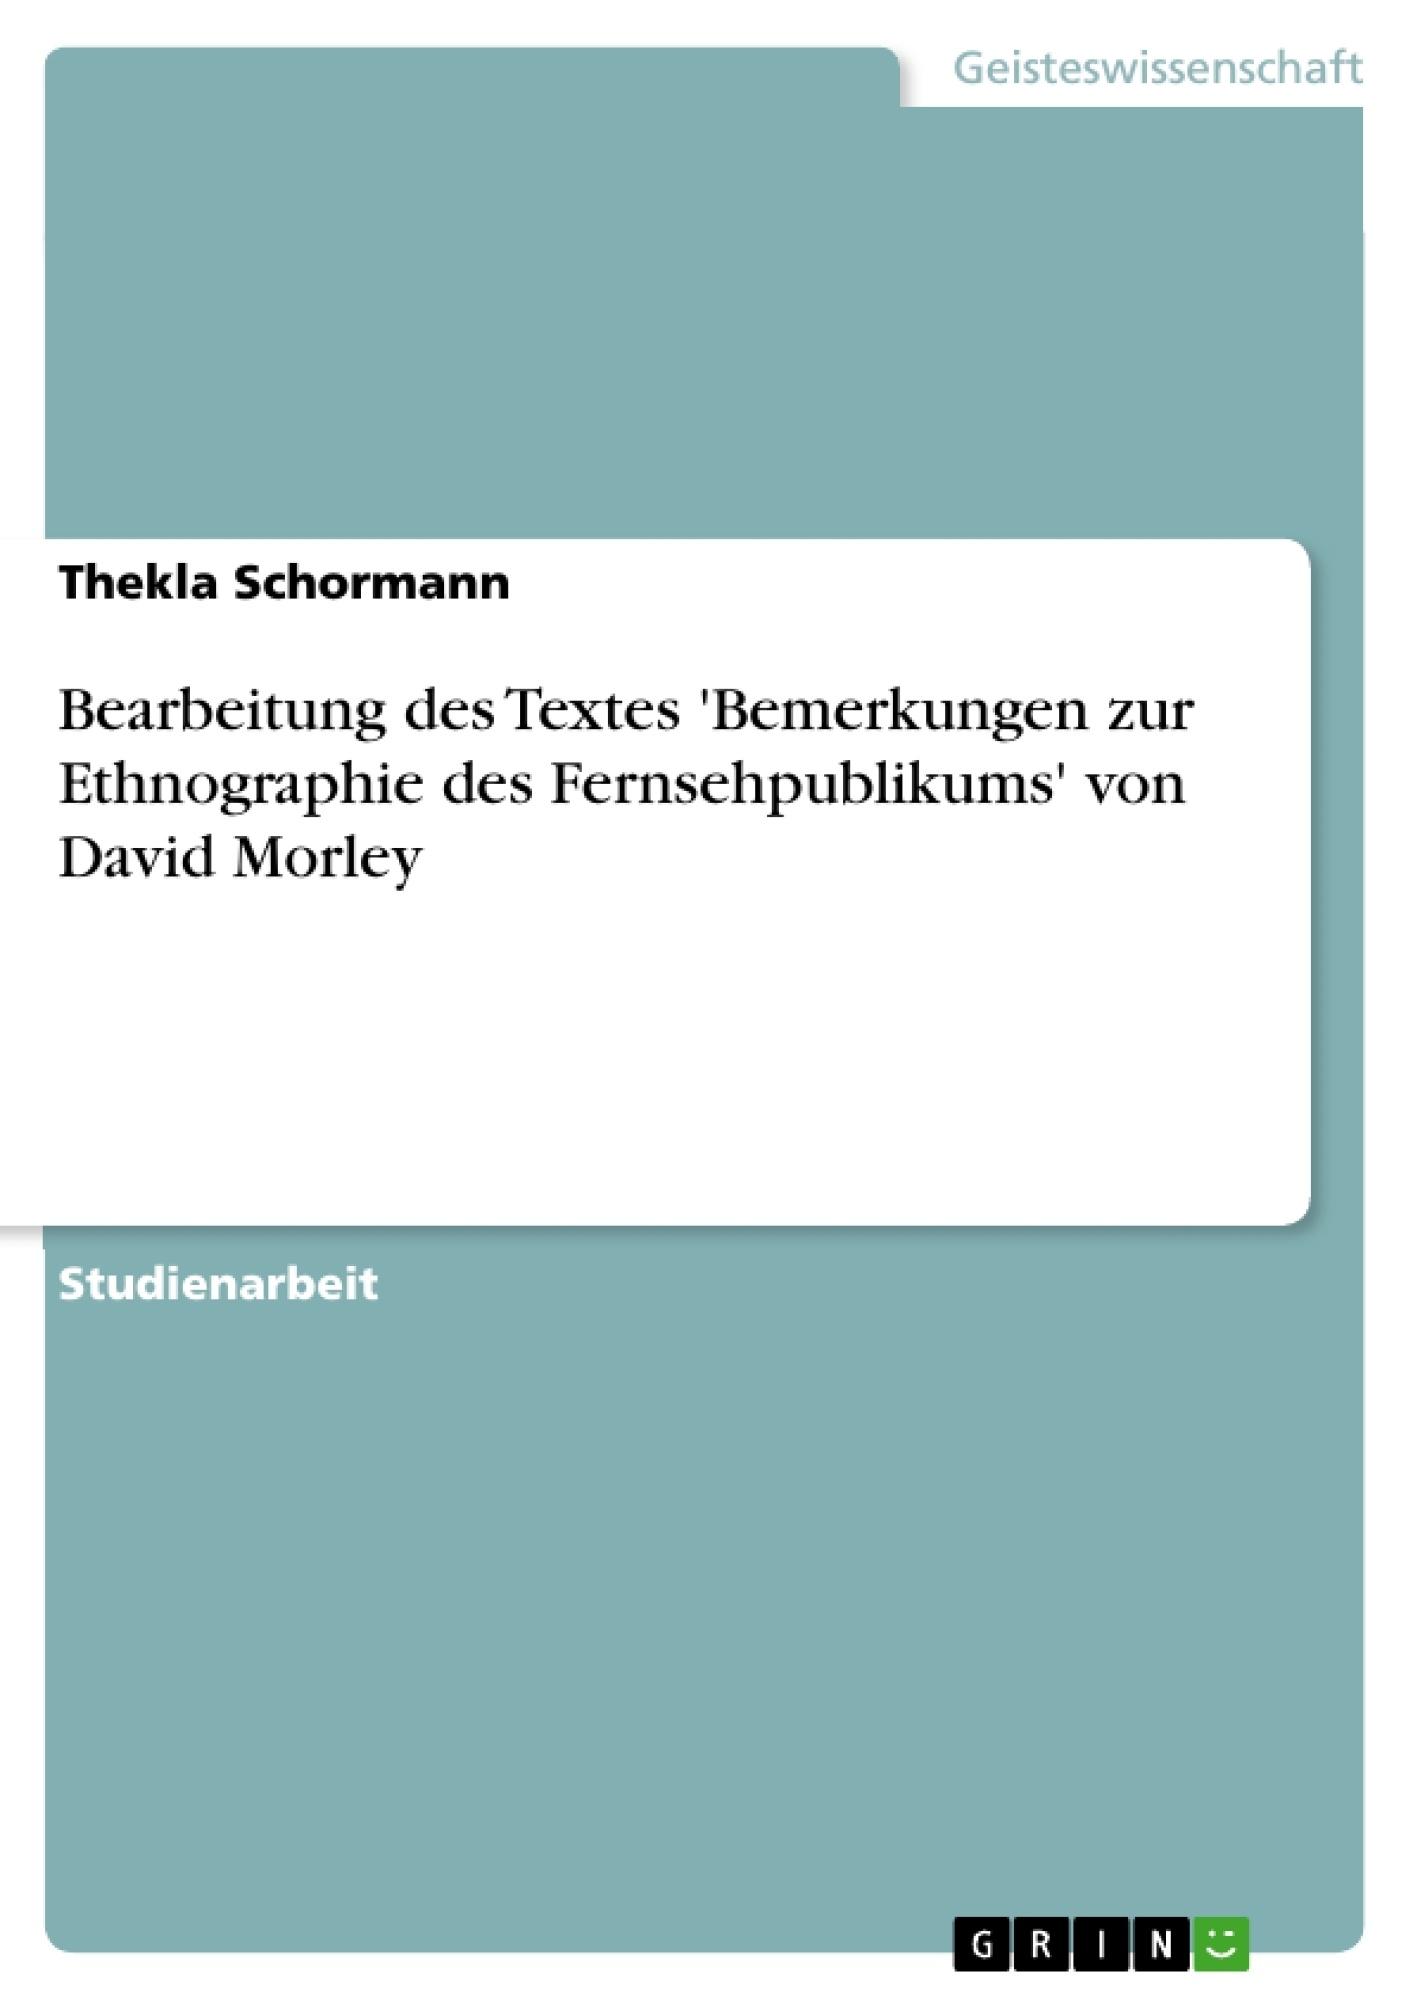 Titel: Bearbeitung des Textes 'Bemerkungen zur Ethnographie des Fernsehpublikums' von David Morley